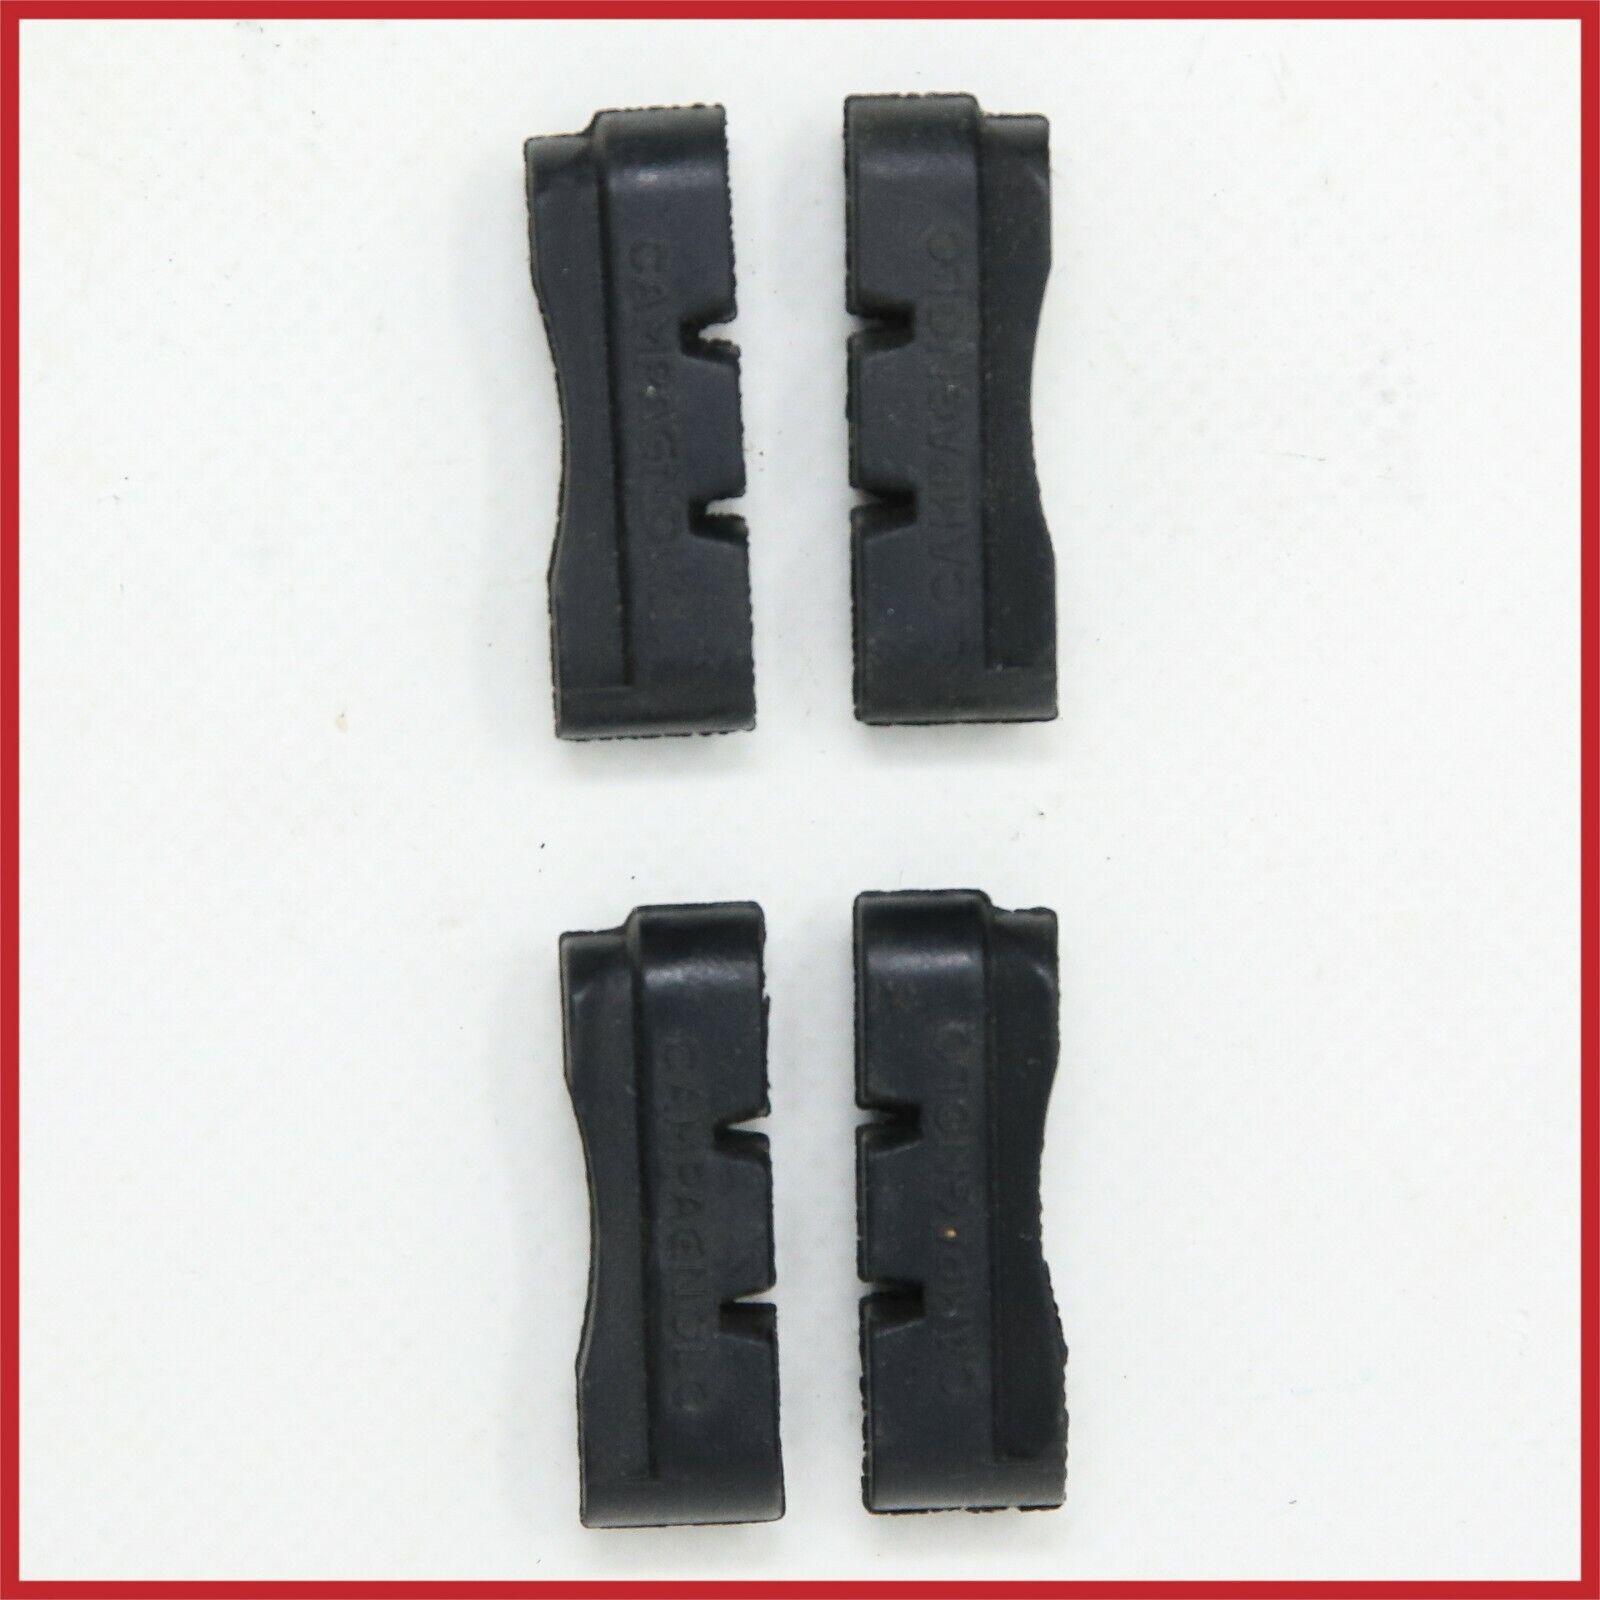 Nuevo viejo stock original CAMPAGNOLO DELTA Brake Pad Set almohadillas C-RECORD frenos Vintage 1st 2nd